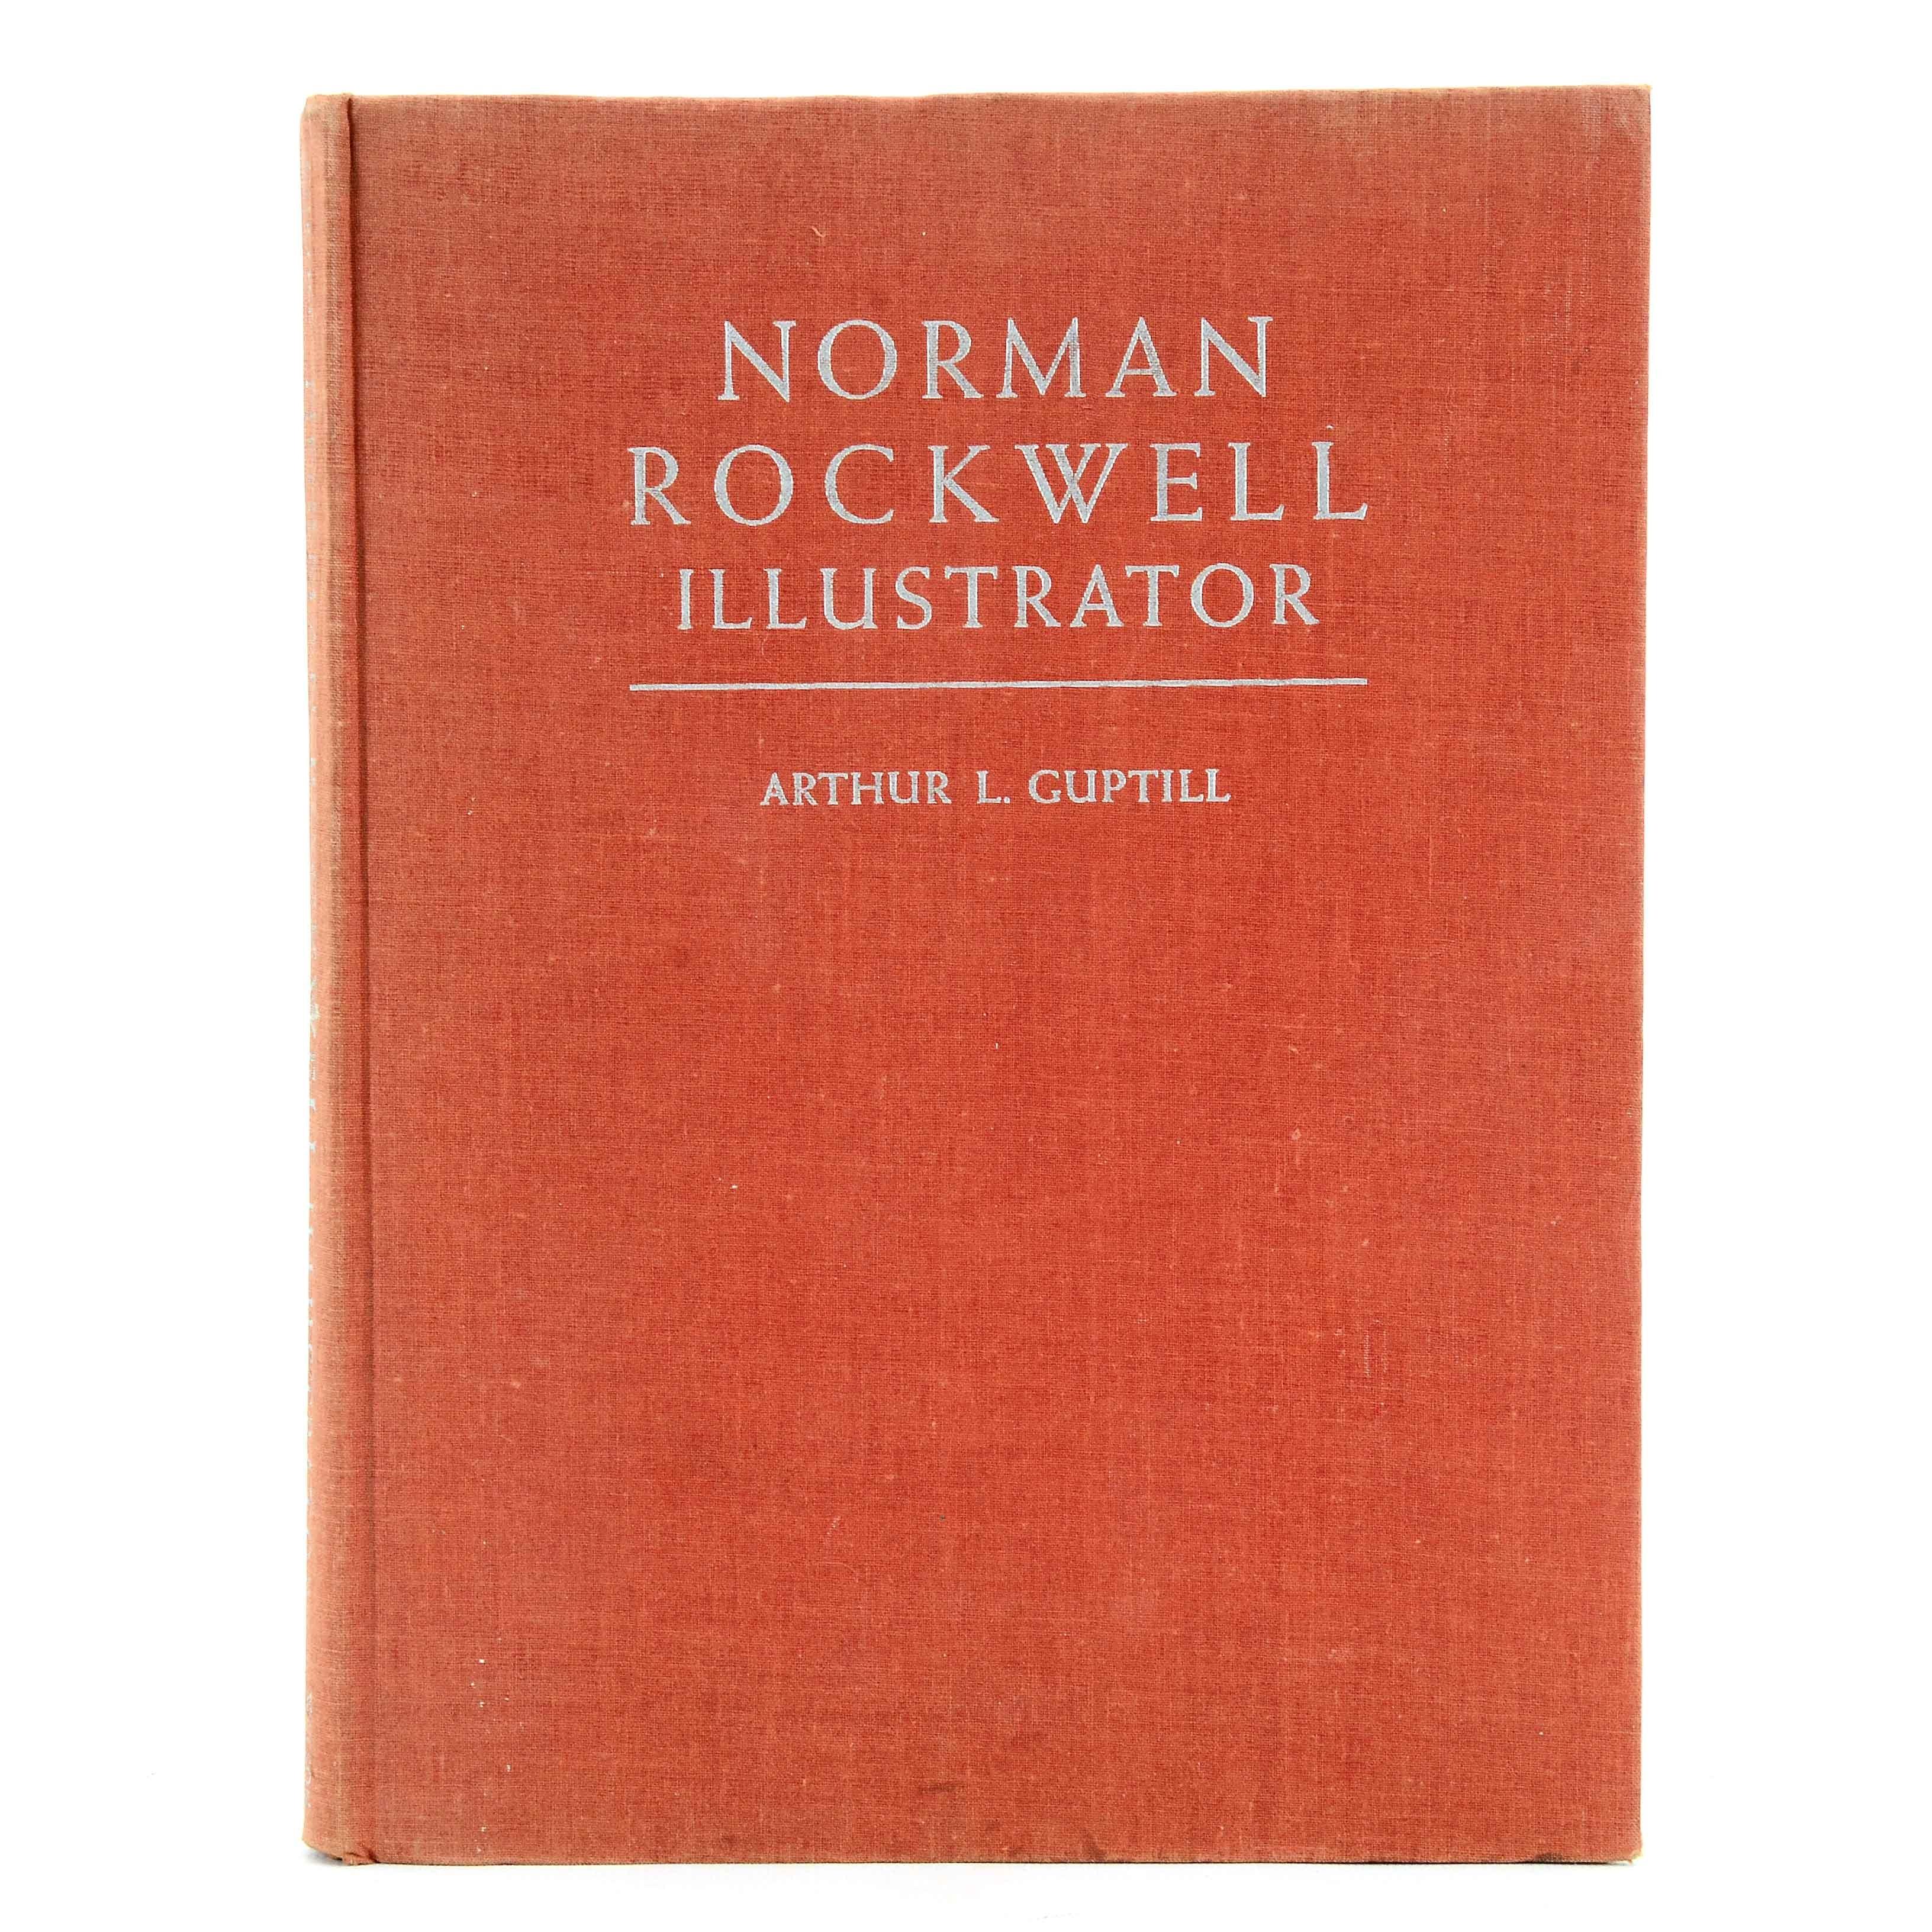 """Signed """"Norman Rockwell, Illustrator""""  by Arthur L. Guptill"""